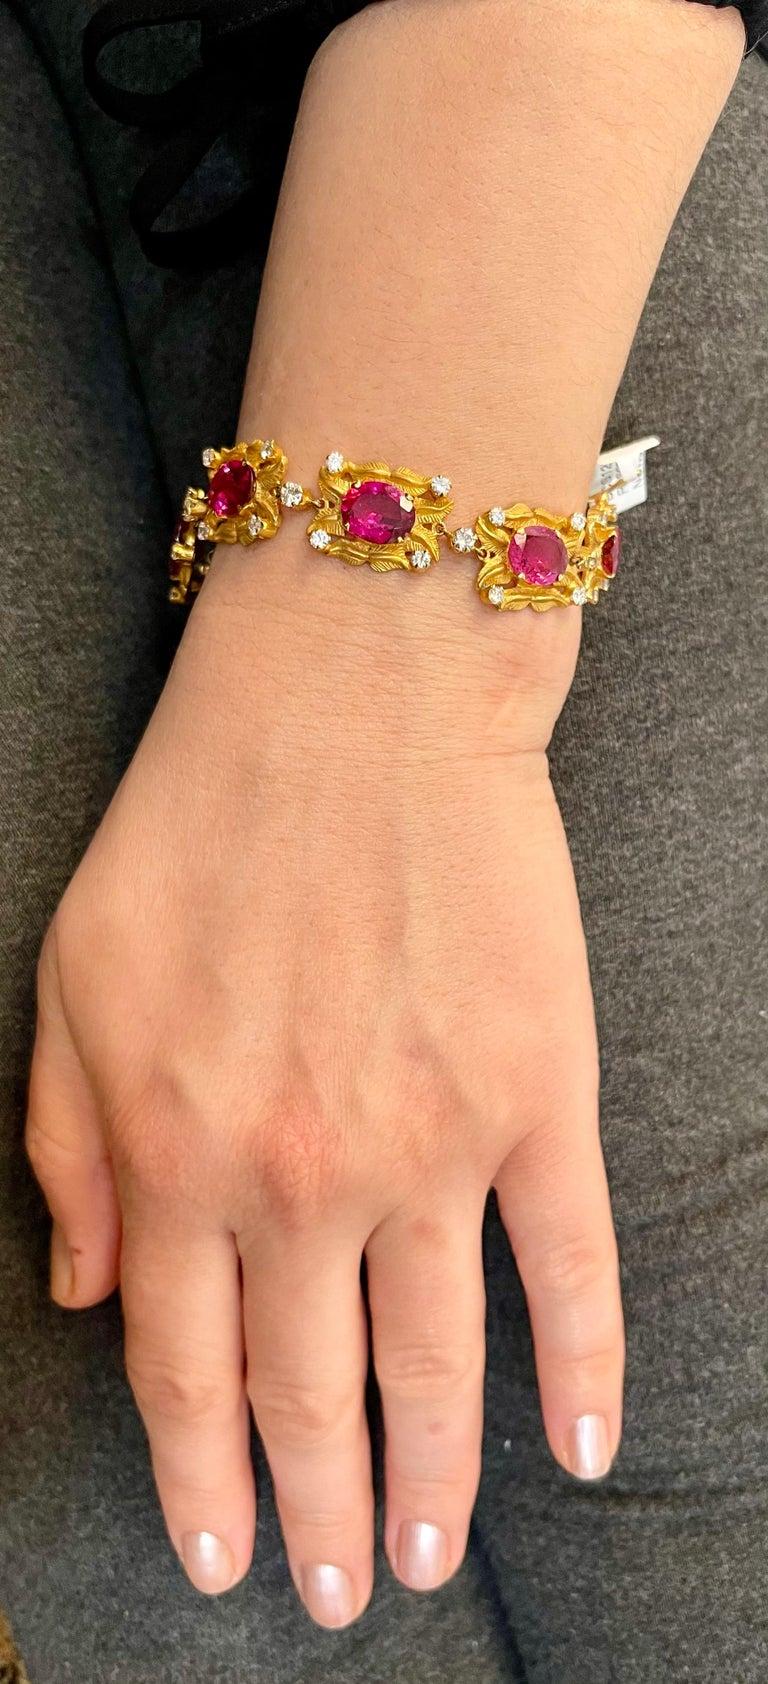 24 Carat Pink Tourmaline and 2.75 Carat Diamond Bracelet  18 Karat Yellow Gold For Sale 7